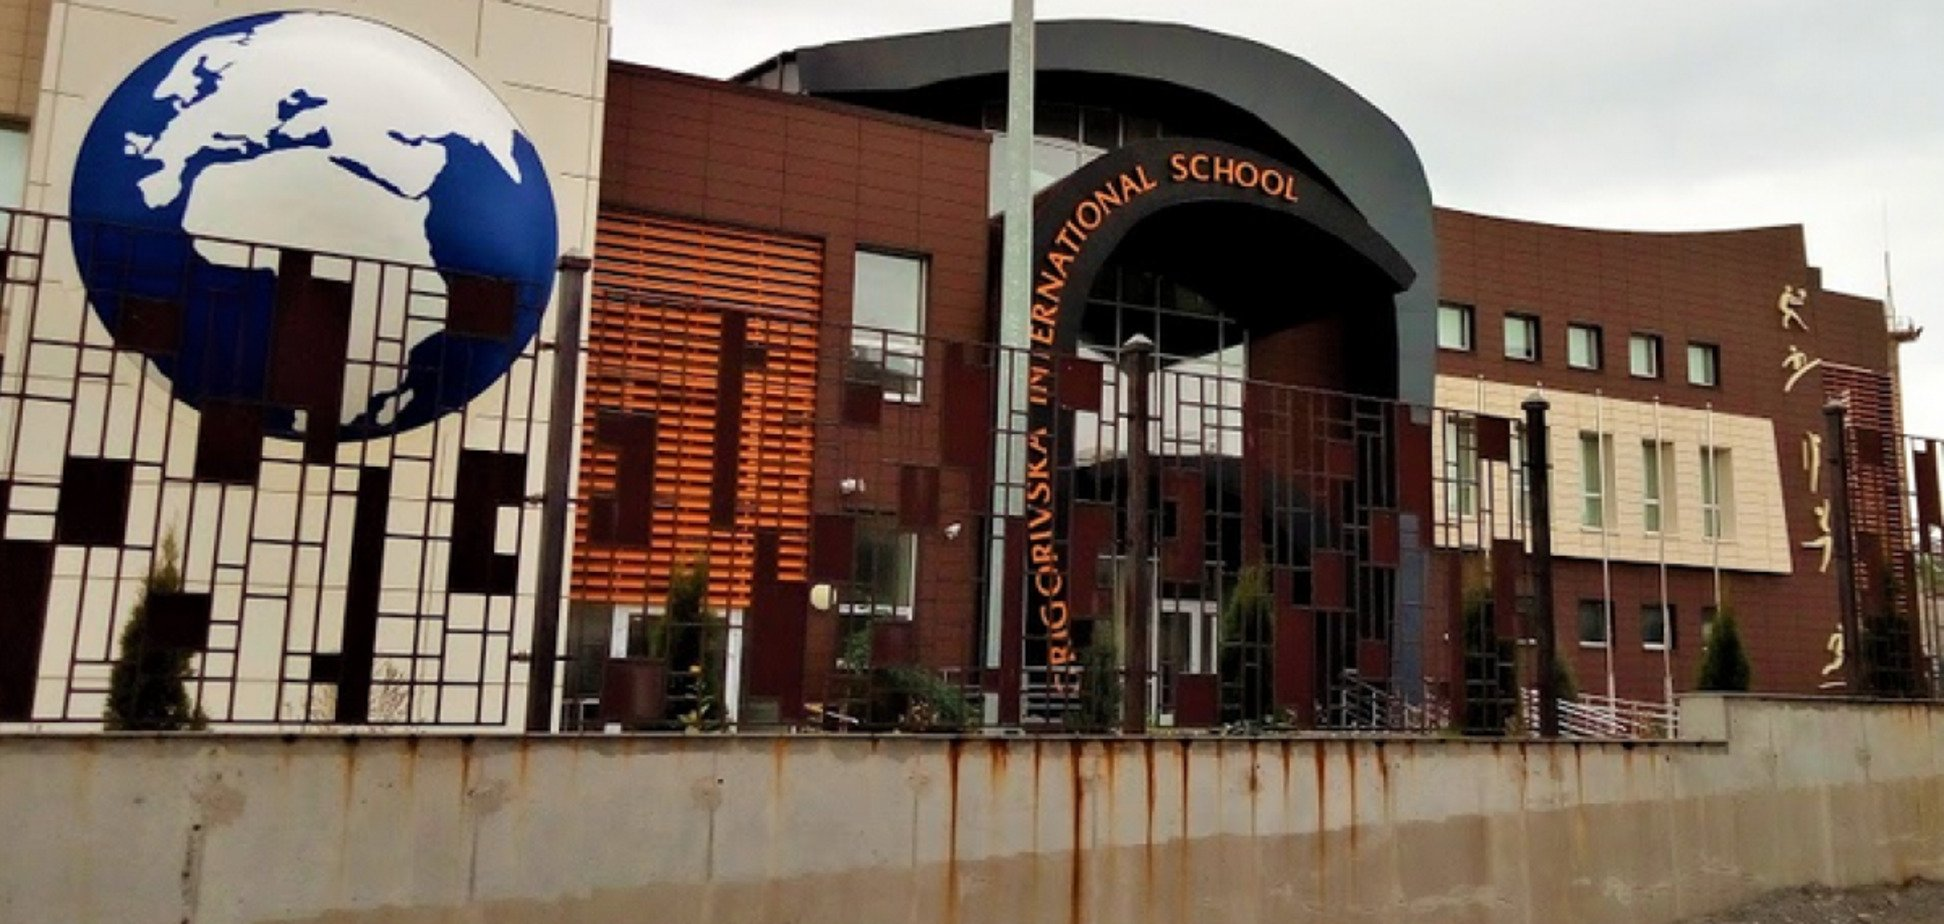 Під владою окупантів: у Донецьку унікальну школу спіткала сумна доля